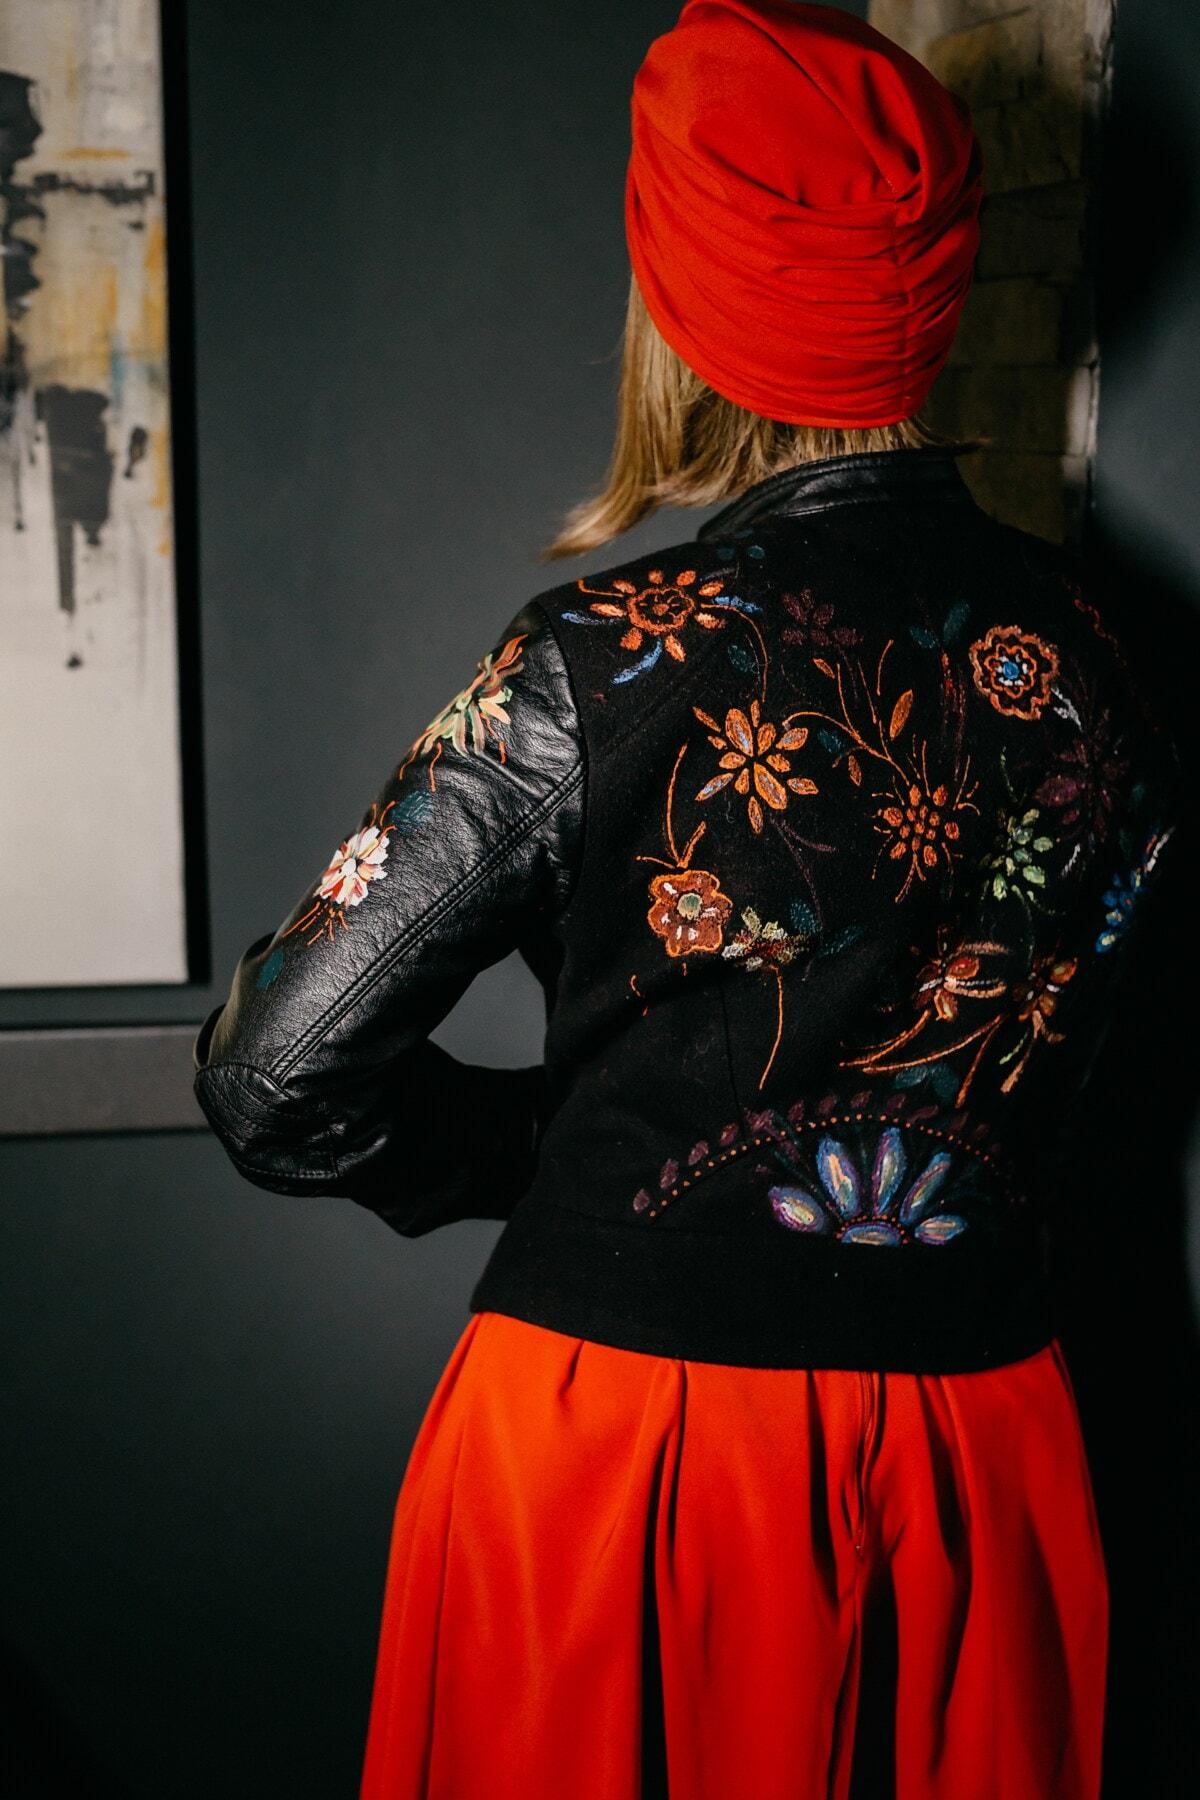 täcka, svart, jacka, läder, blommor, handgjorda, design, konstnärliga, röd, fri stil